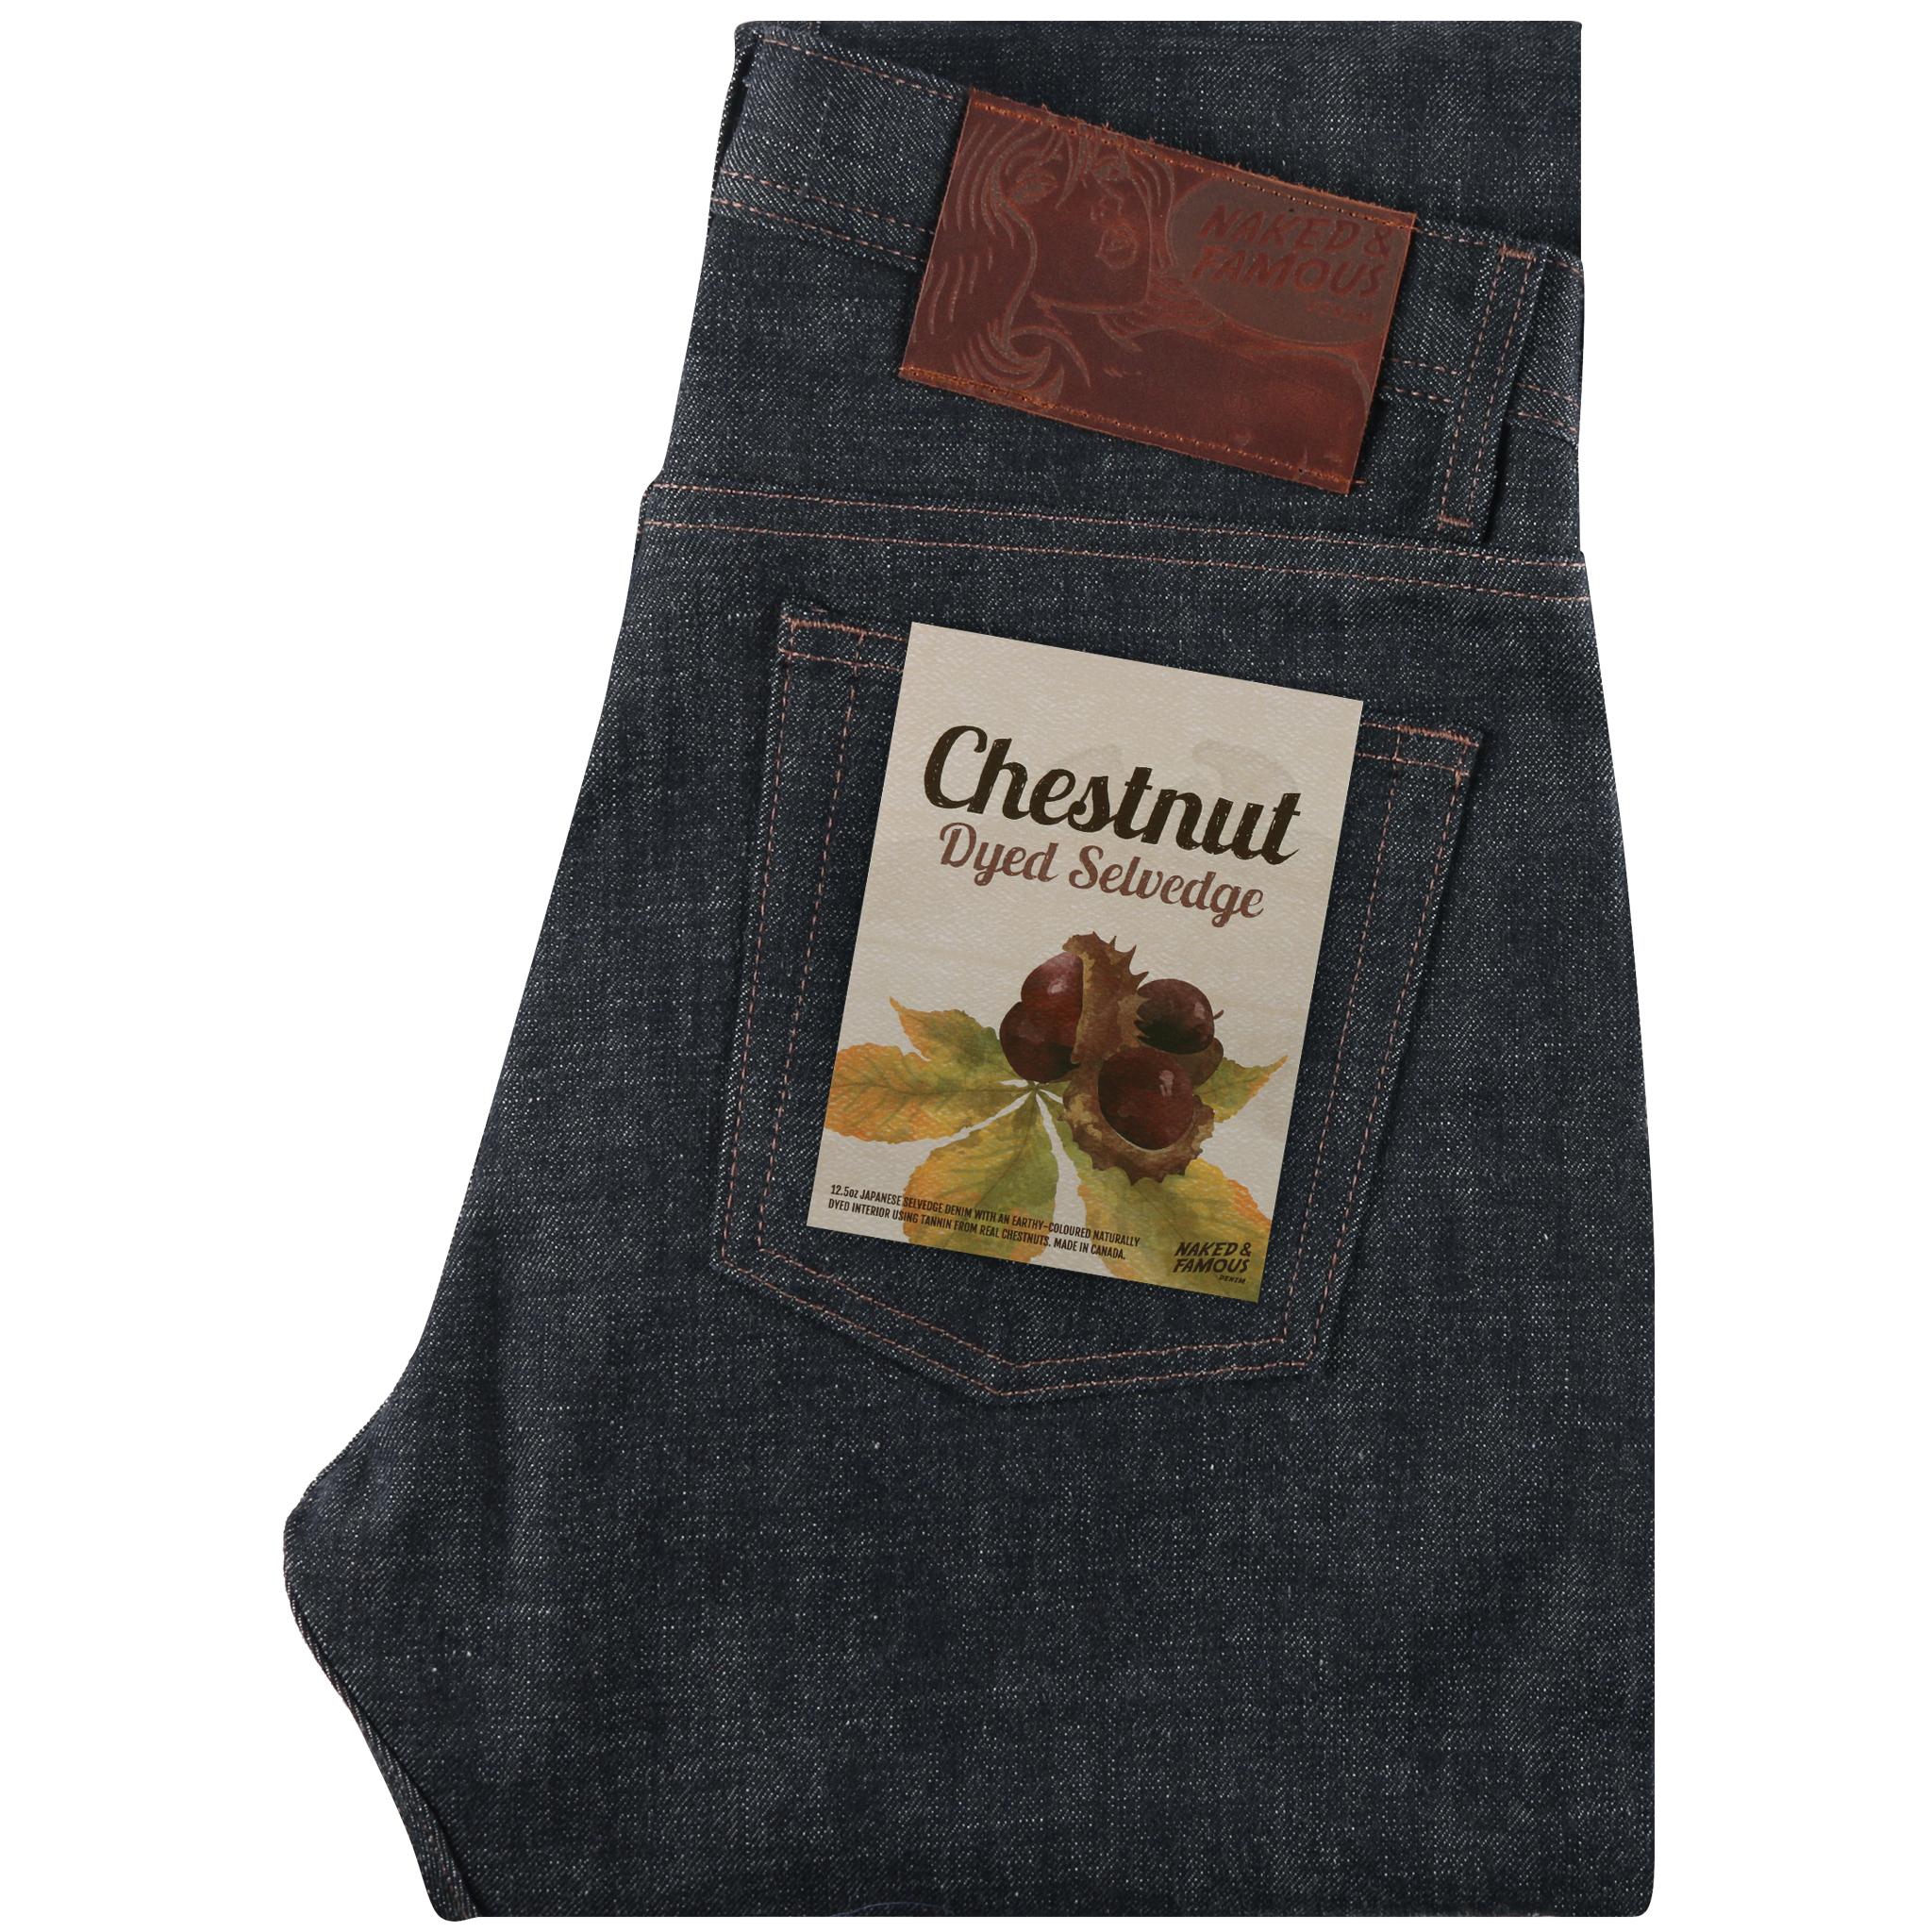 Chestnut Dyed Selvedge - Super Guy / Weird Guy / Easy Guy